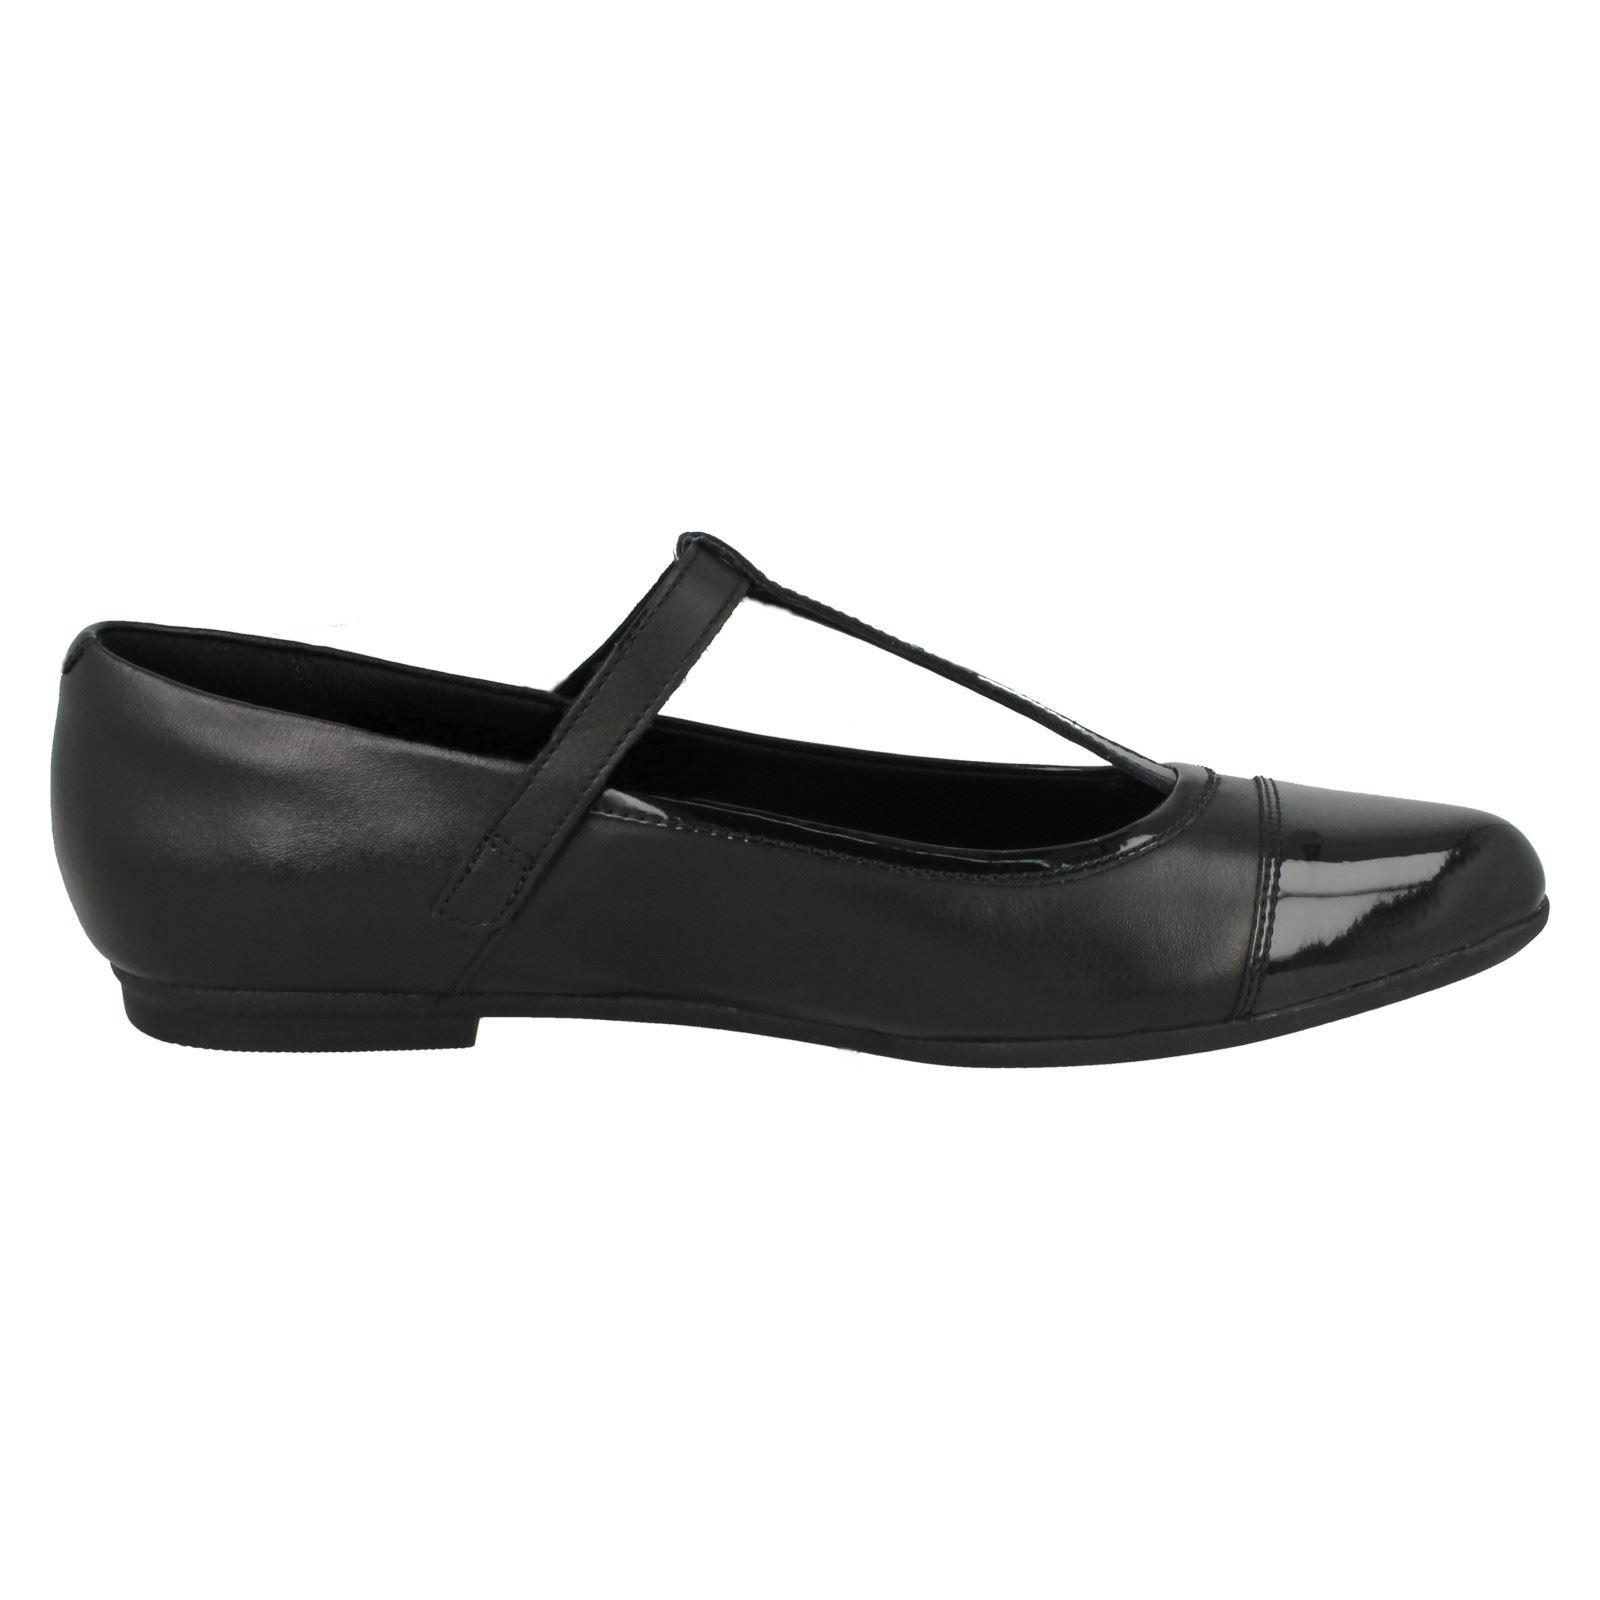 Nebbia al quarzo * Bambina: scarpe Ragazze Bootleg by Calrks Scarpe Scuola Abbigliamento e accessori